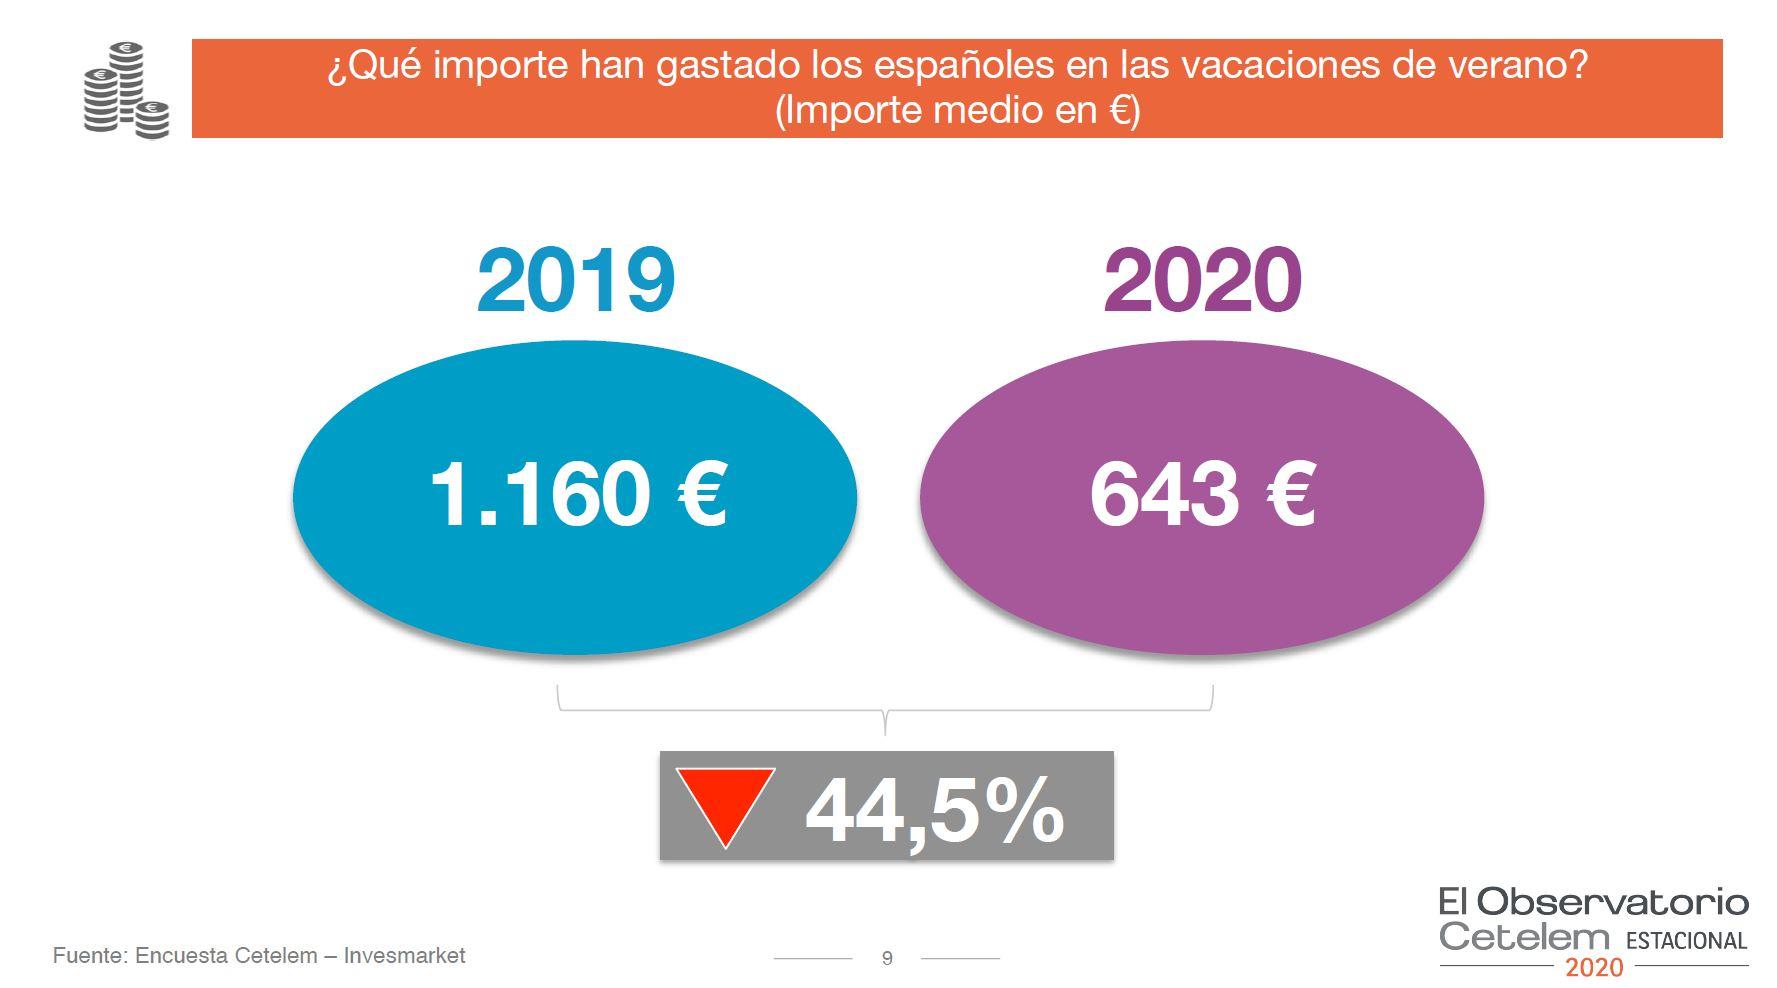 Este verano los españoles gastamos 500 € menos que en 2019